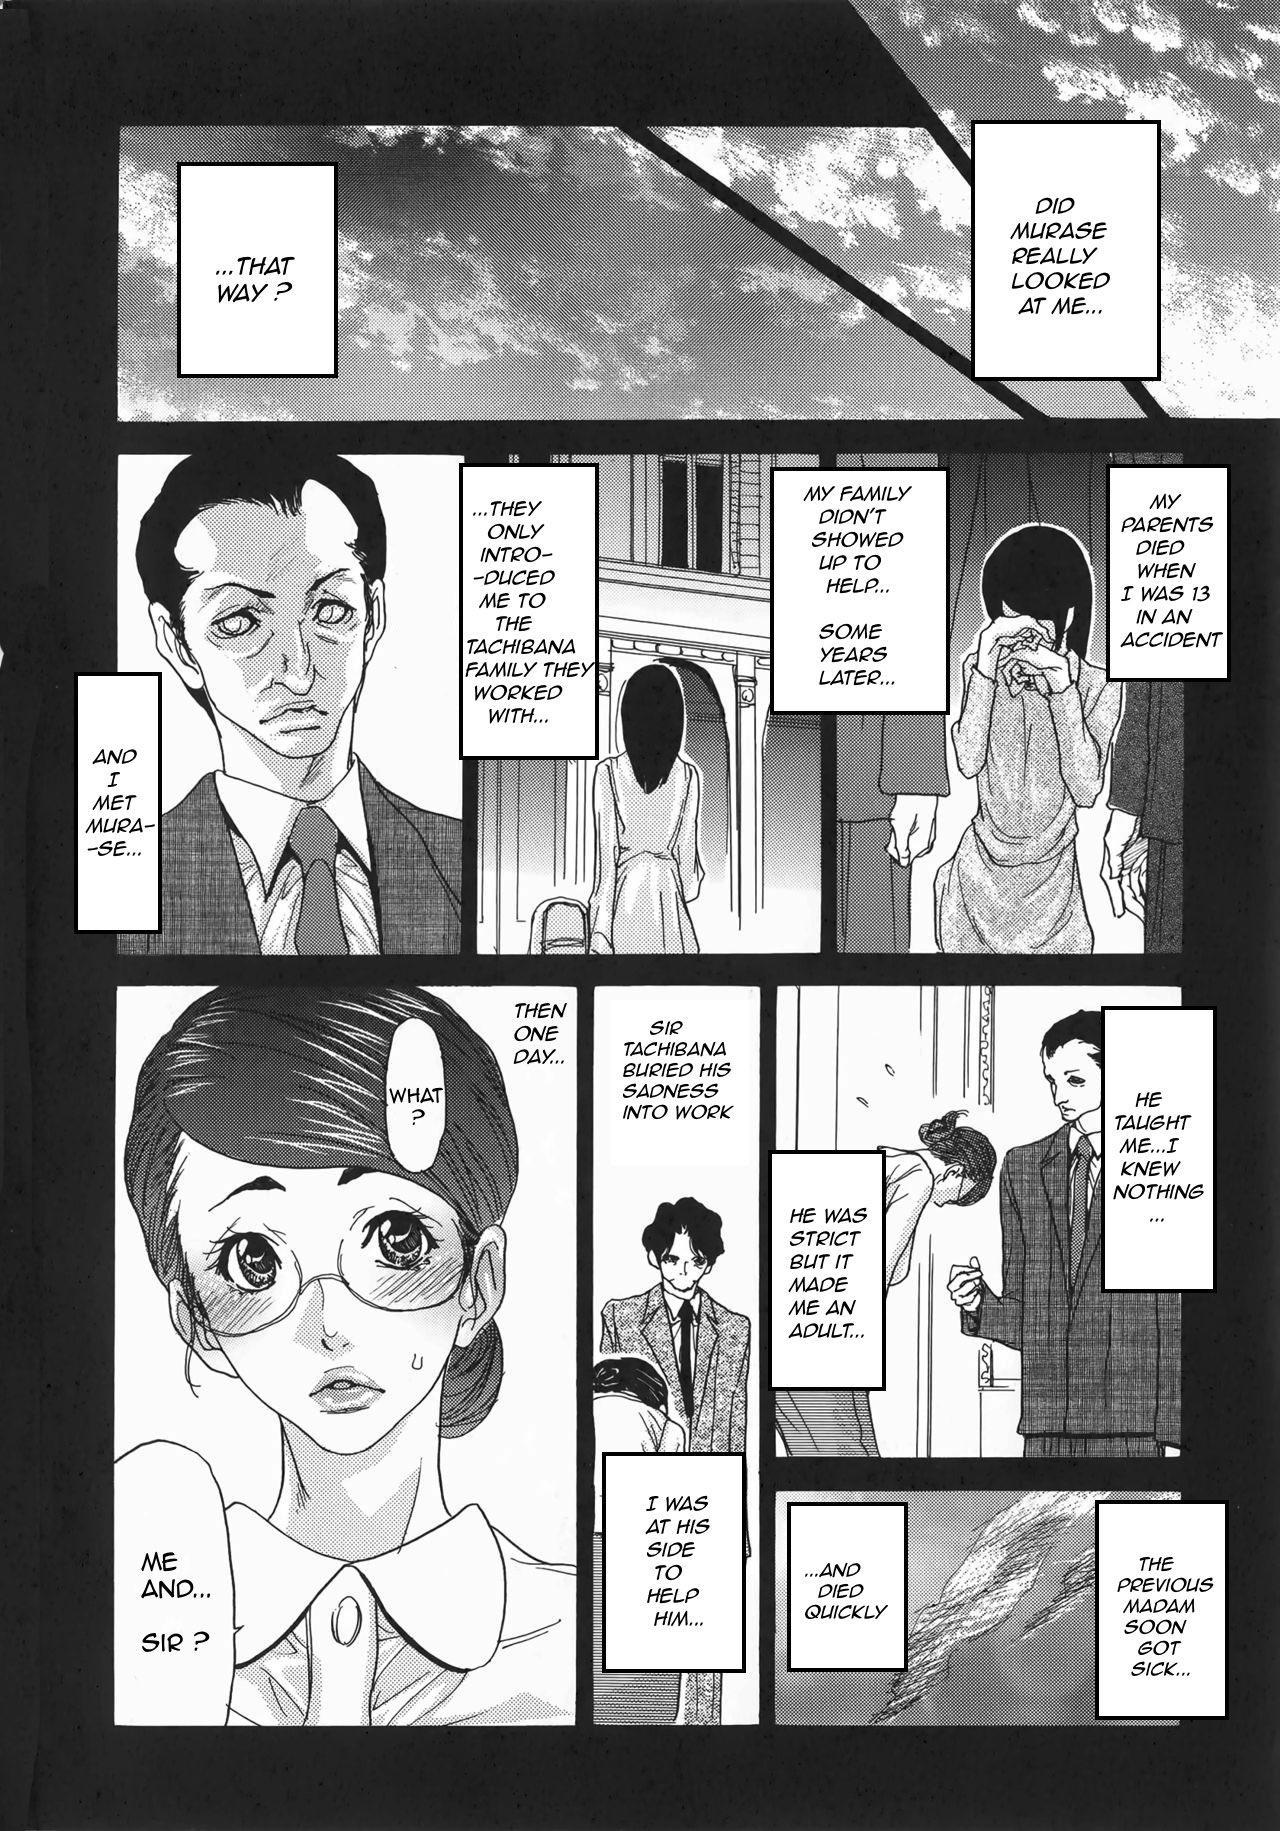 [Aoi Hitori, Izayoi Seishin, Yamasaki Masato] Metamorphose ~Celeb Zuma no Seien~ Ch. 1-8 [English][Decensored] [R-IC] 147